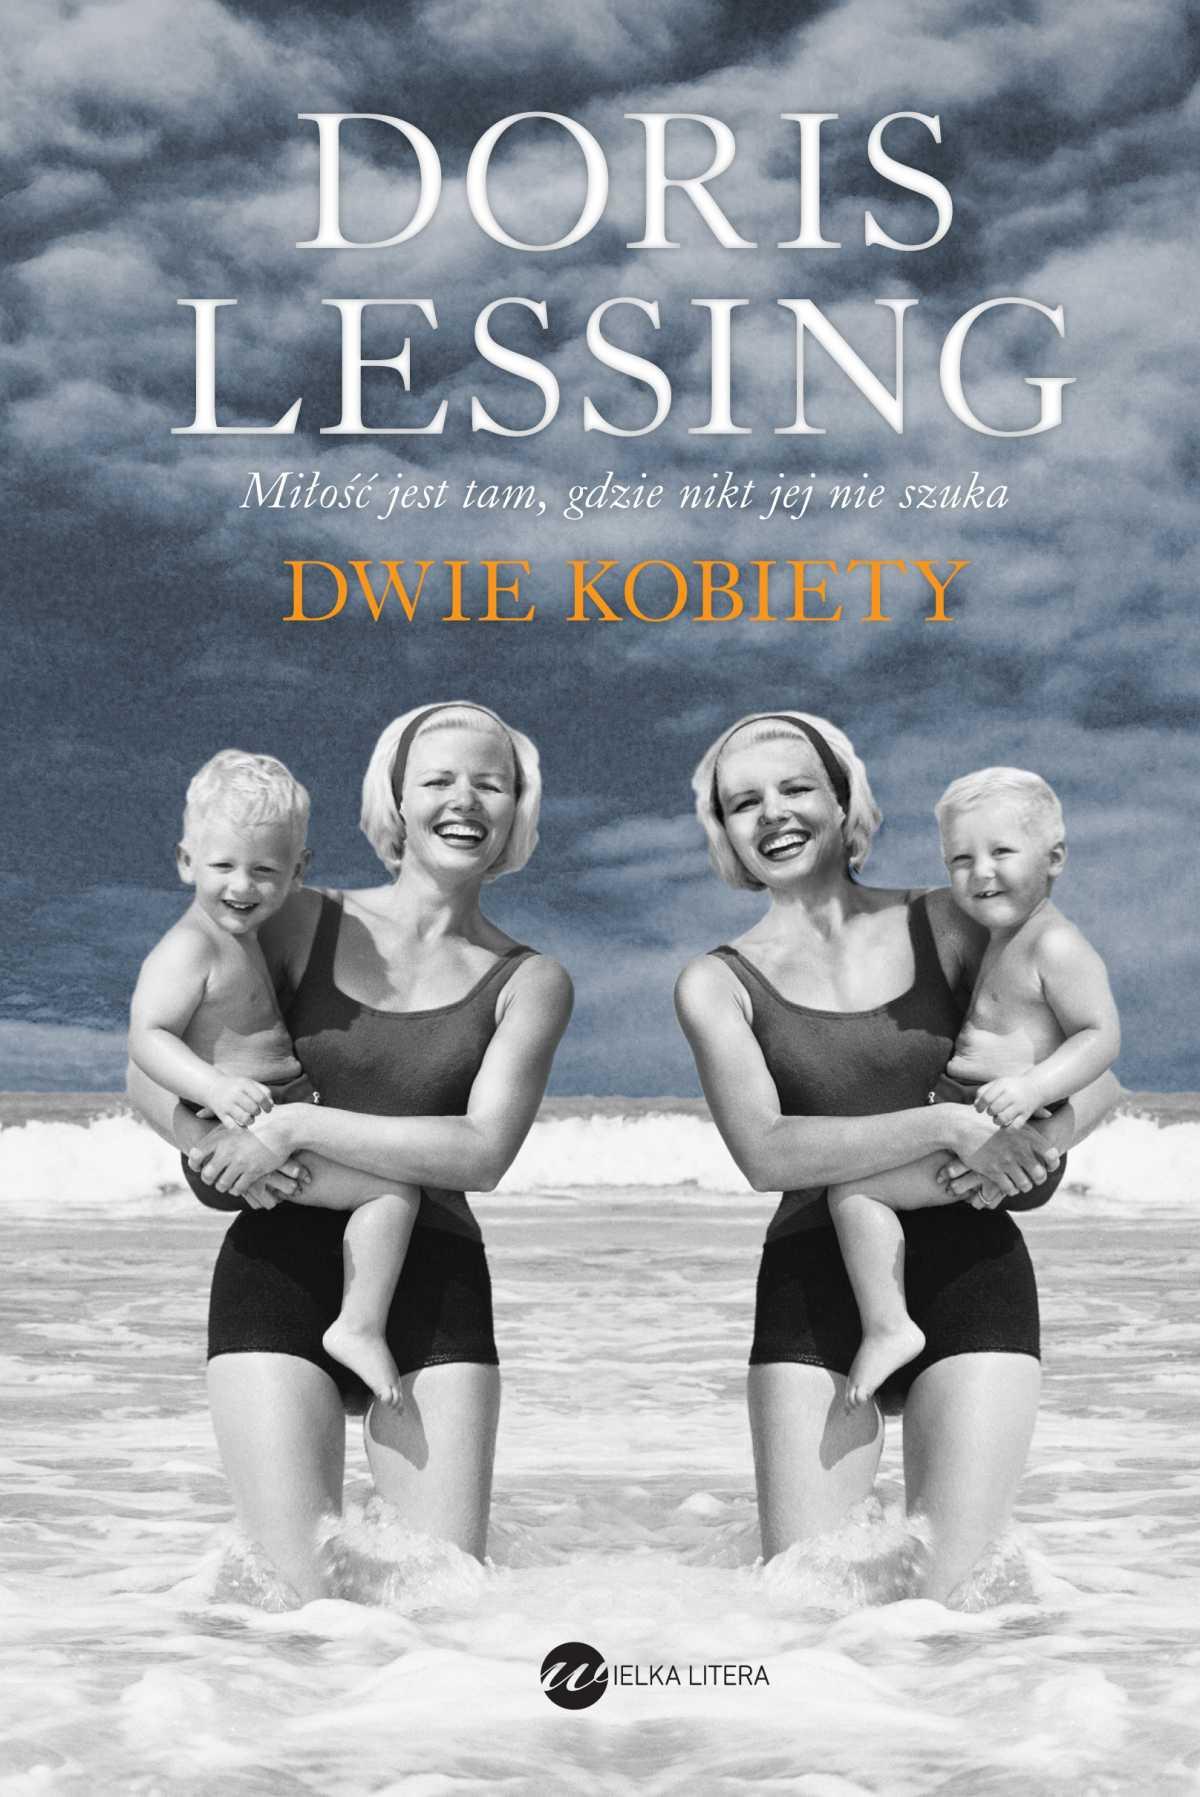 Dwie kobiety - Ebook (Książka na Kindle) do pobrania w formacie MOBI